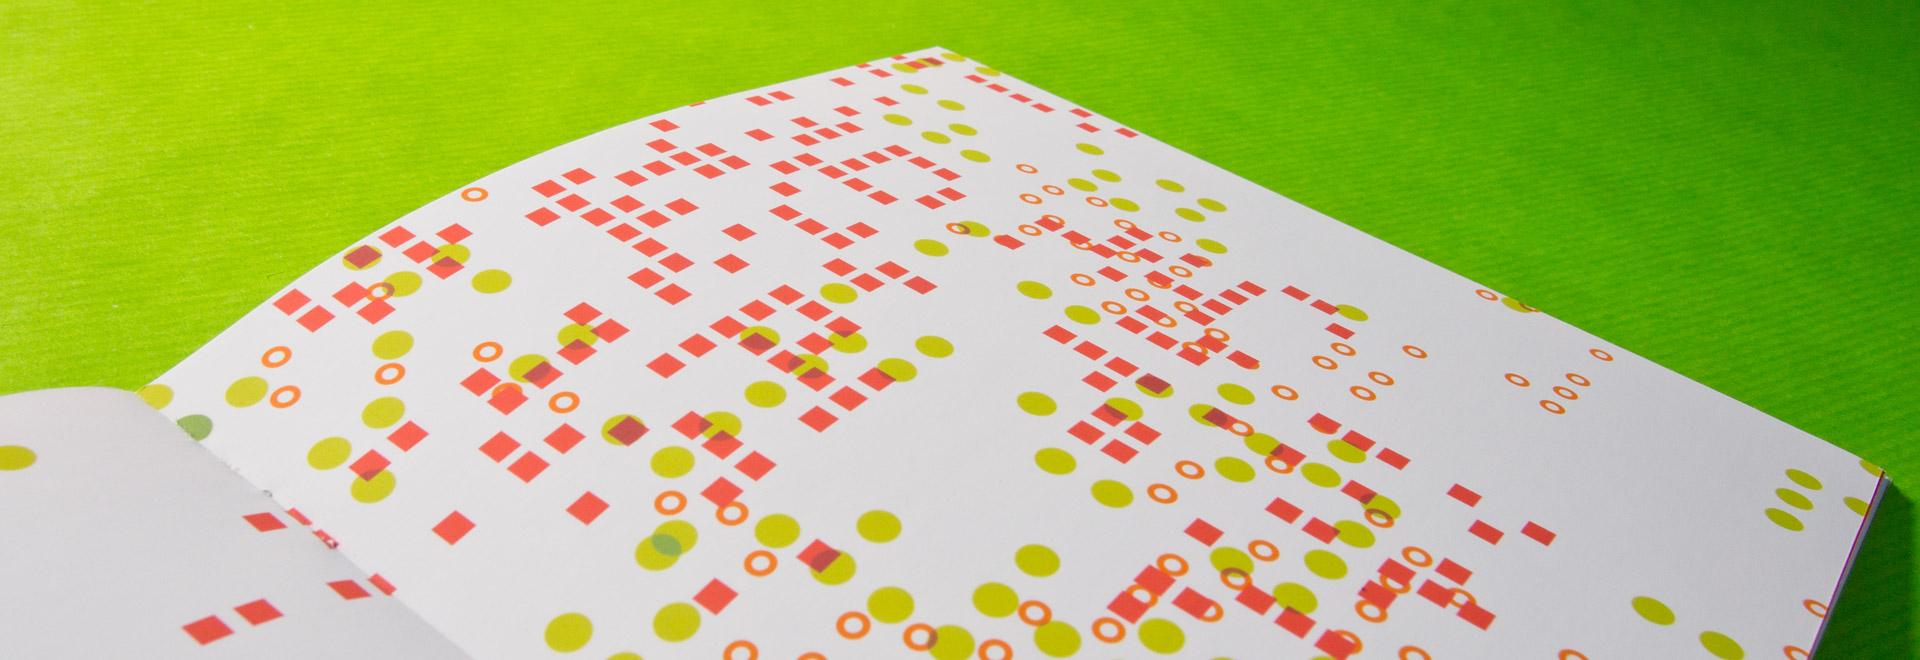 Marienbad-livre-graphique-6-detail-motifs-2